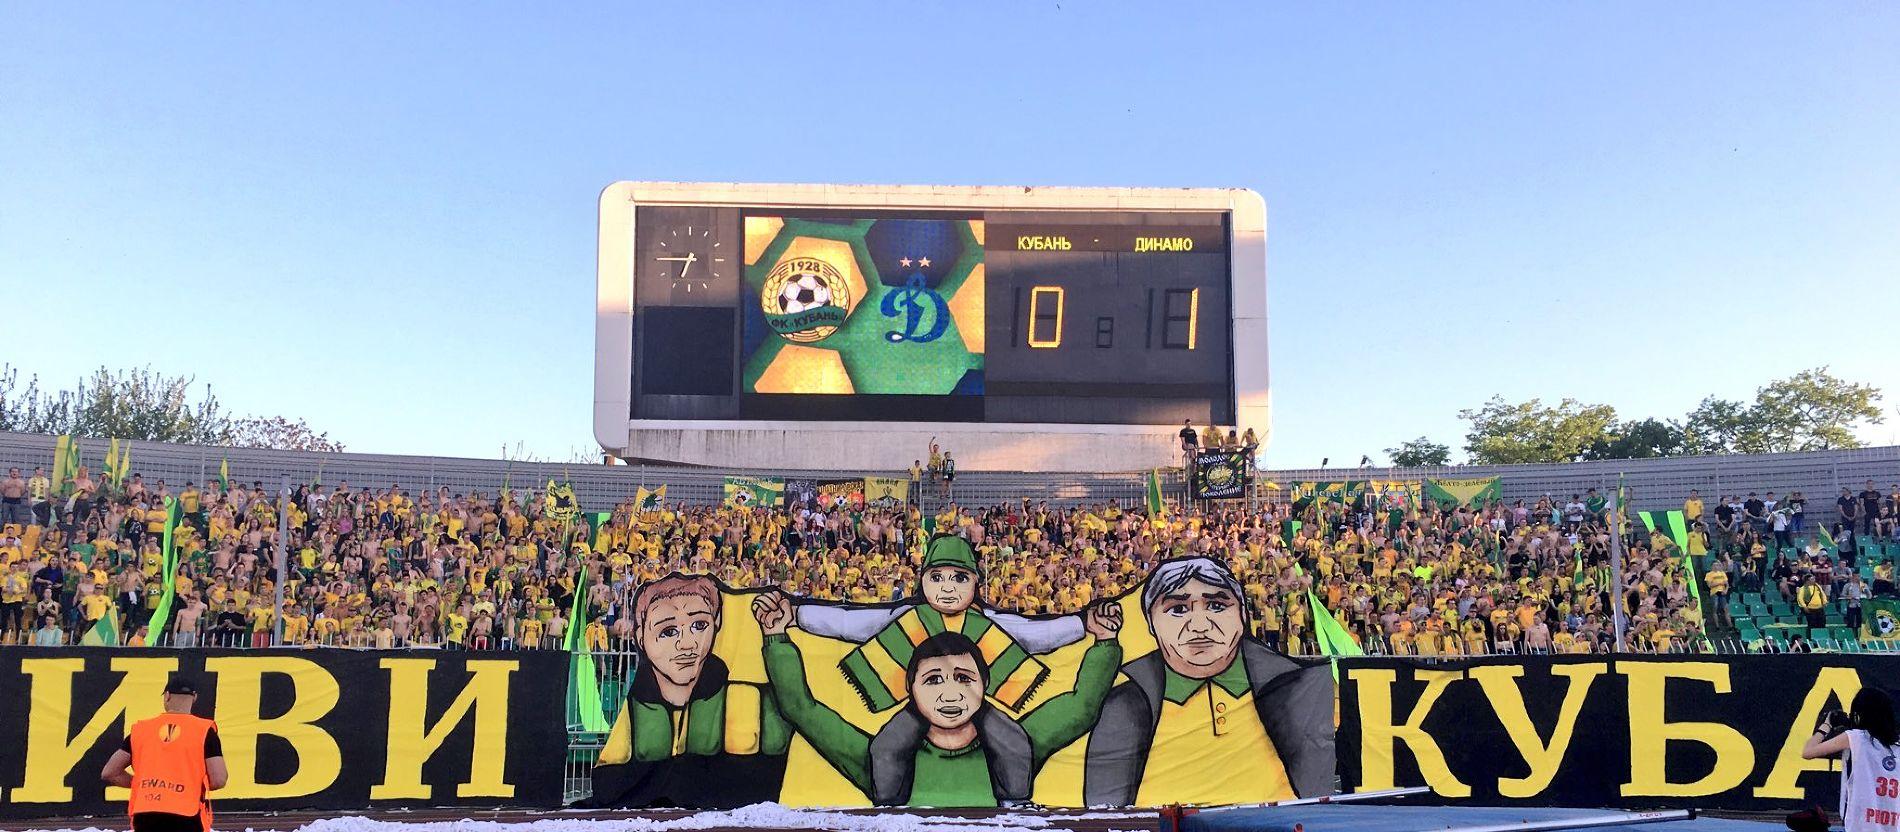 Матч первенства ФНЛ «Кубань» — «Динамо» ©Фото из аккаунта ФК «Кубань» в твиттере, twitter.com/fckuban_ru